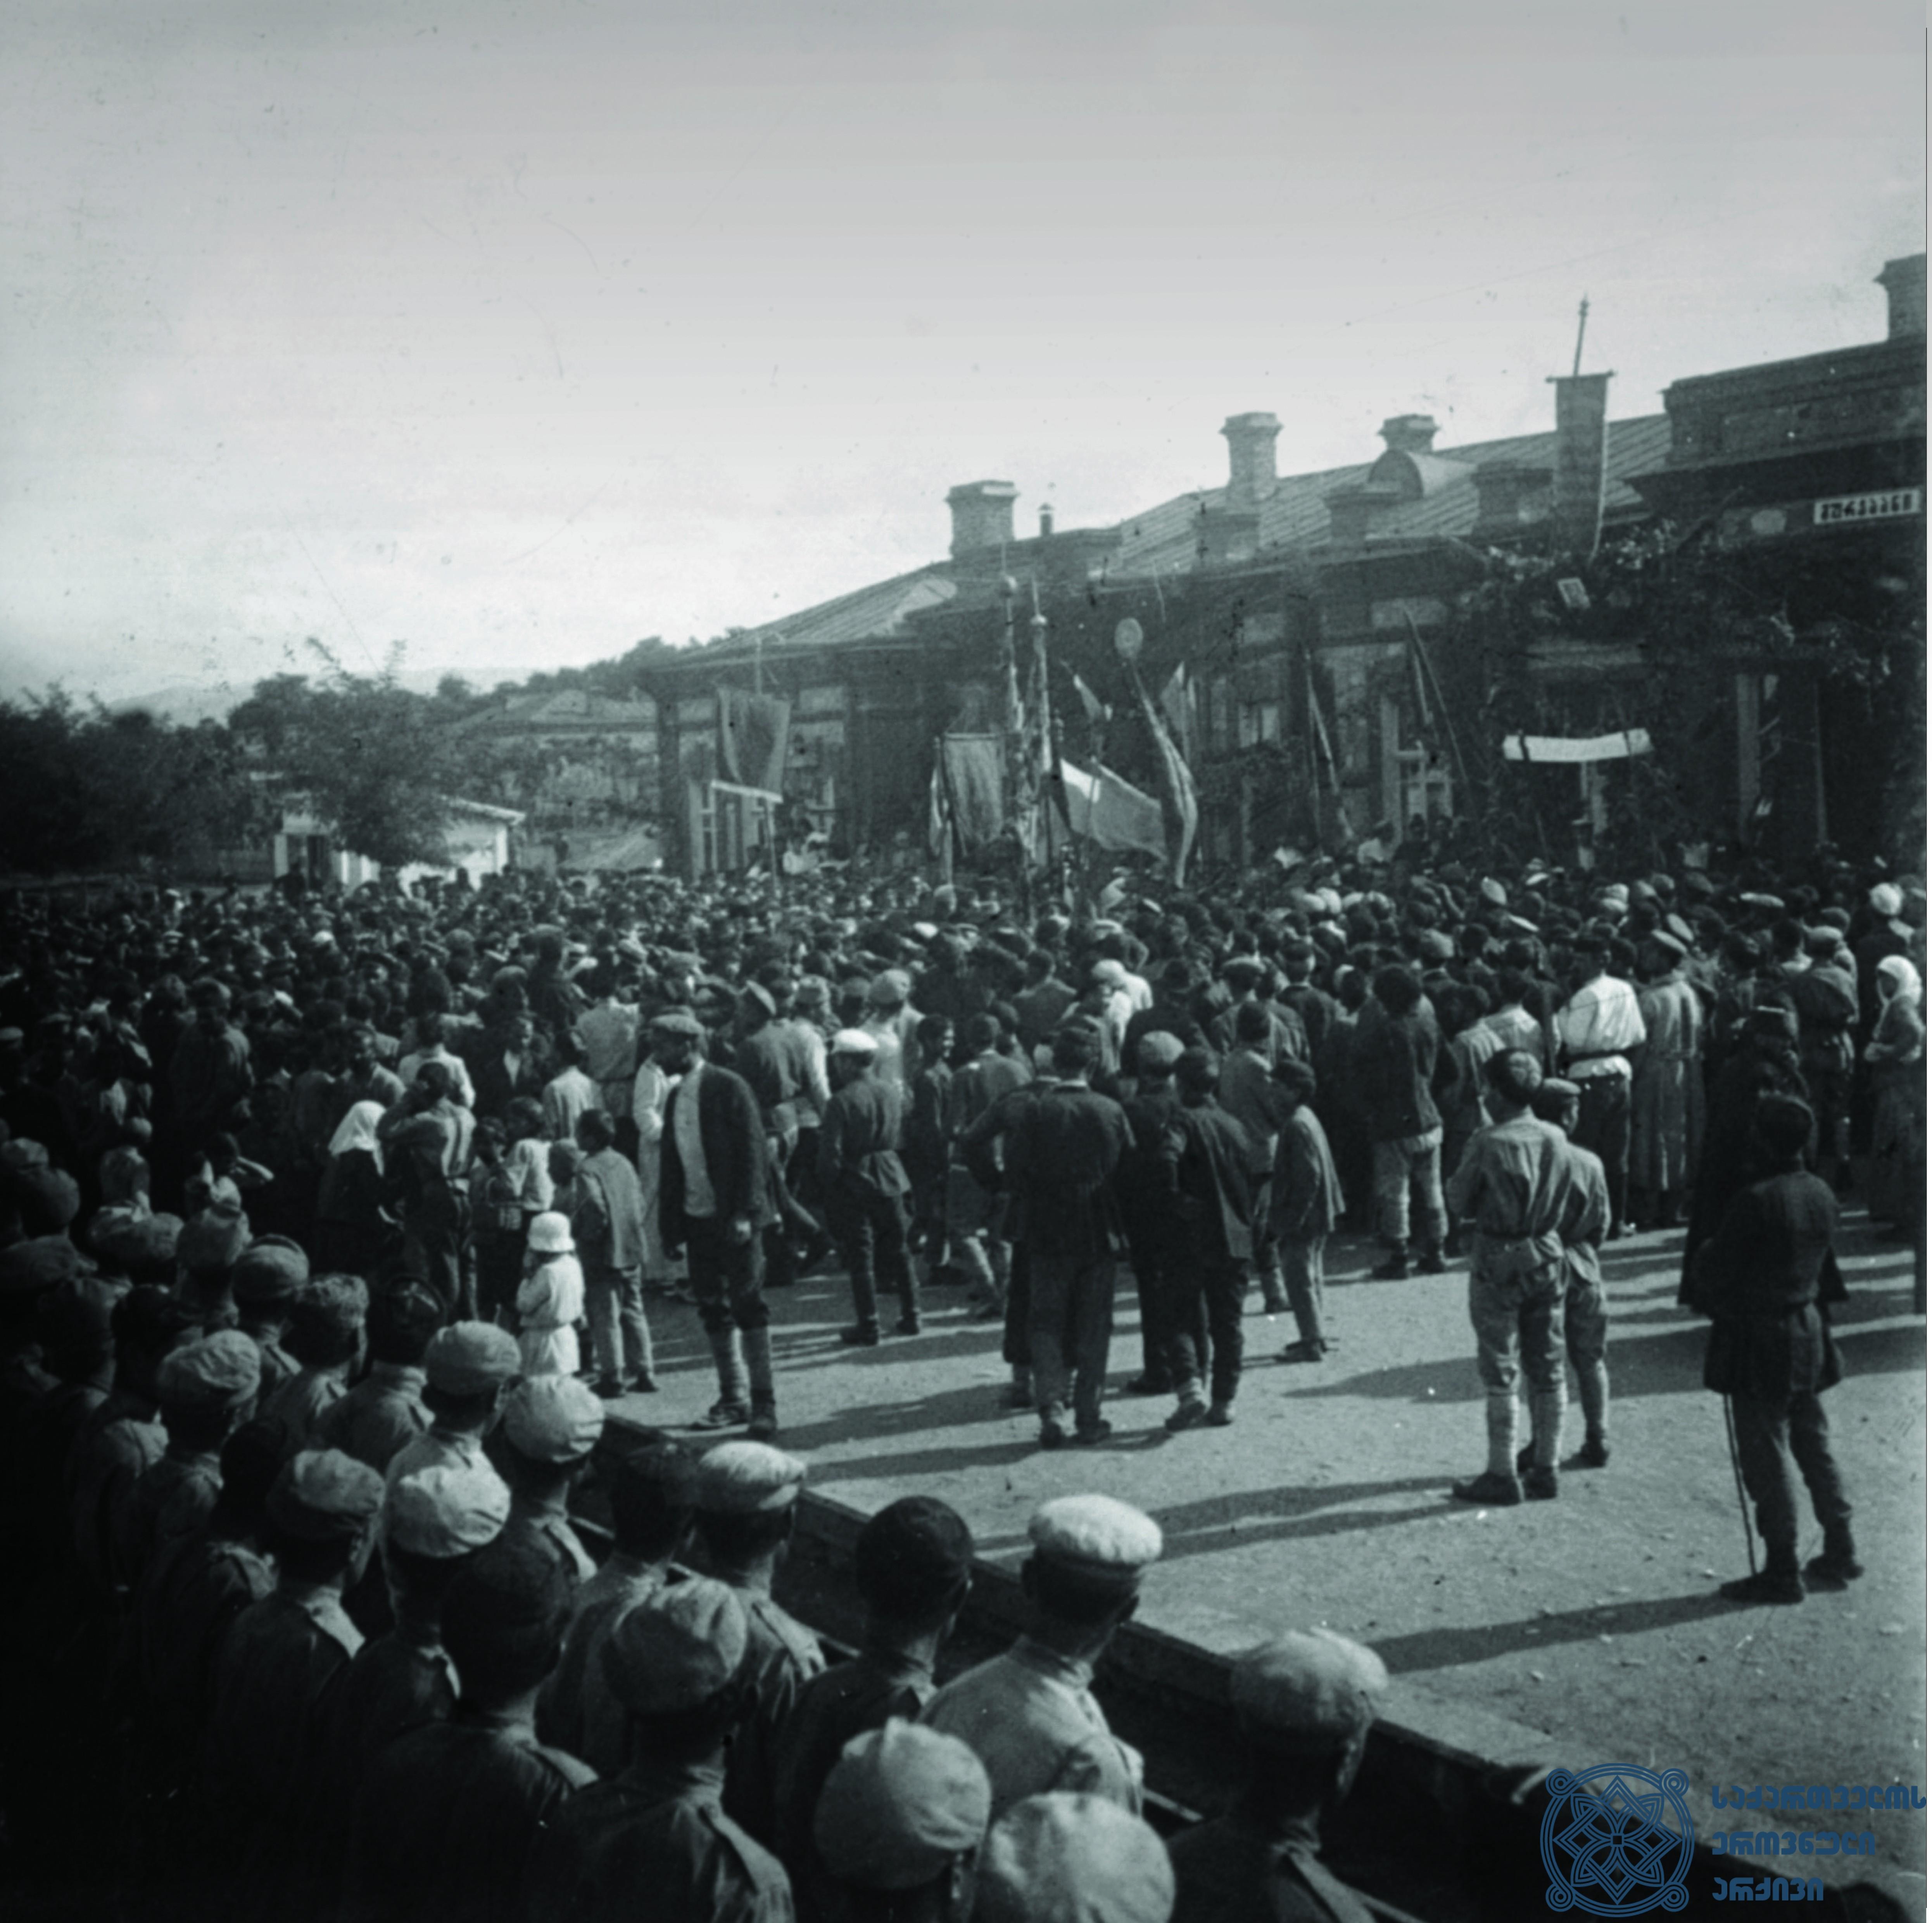 მეორე სოციალისტური ინტერნაციონალის დელეგაციის ვიზიტის პატივსაცემად გამართული დემონსტრაცია გურჯაანში. 1920 წლის  სექტემბერი. <br> Demonstration, held in Gurjaani, dedicated to the visit of the delegation of the Second Socialist International. September 1920.